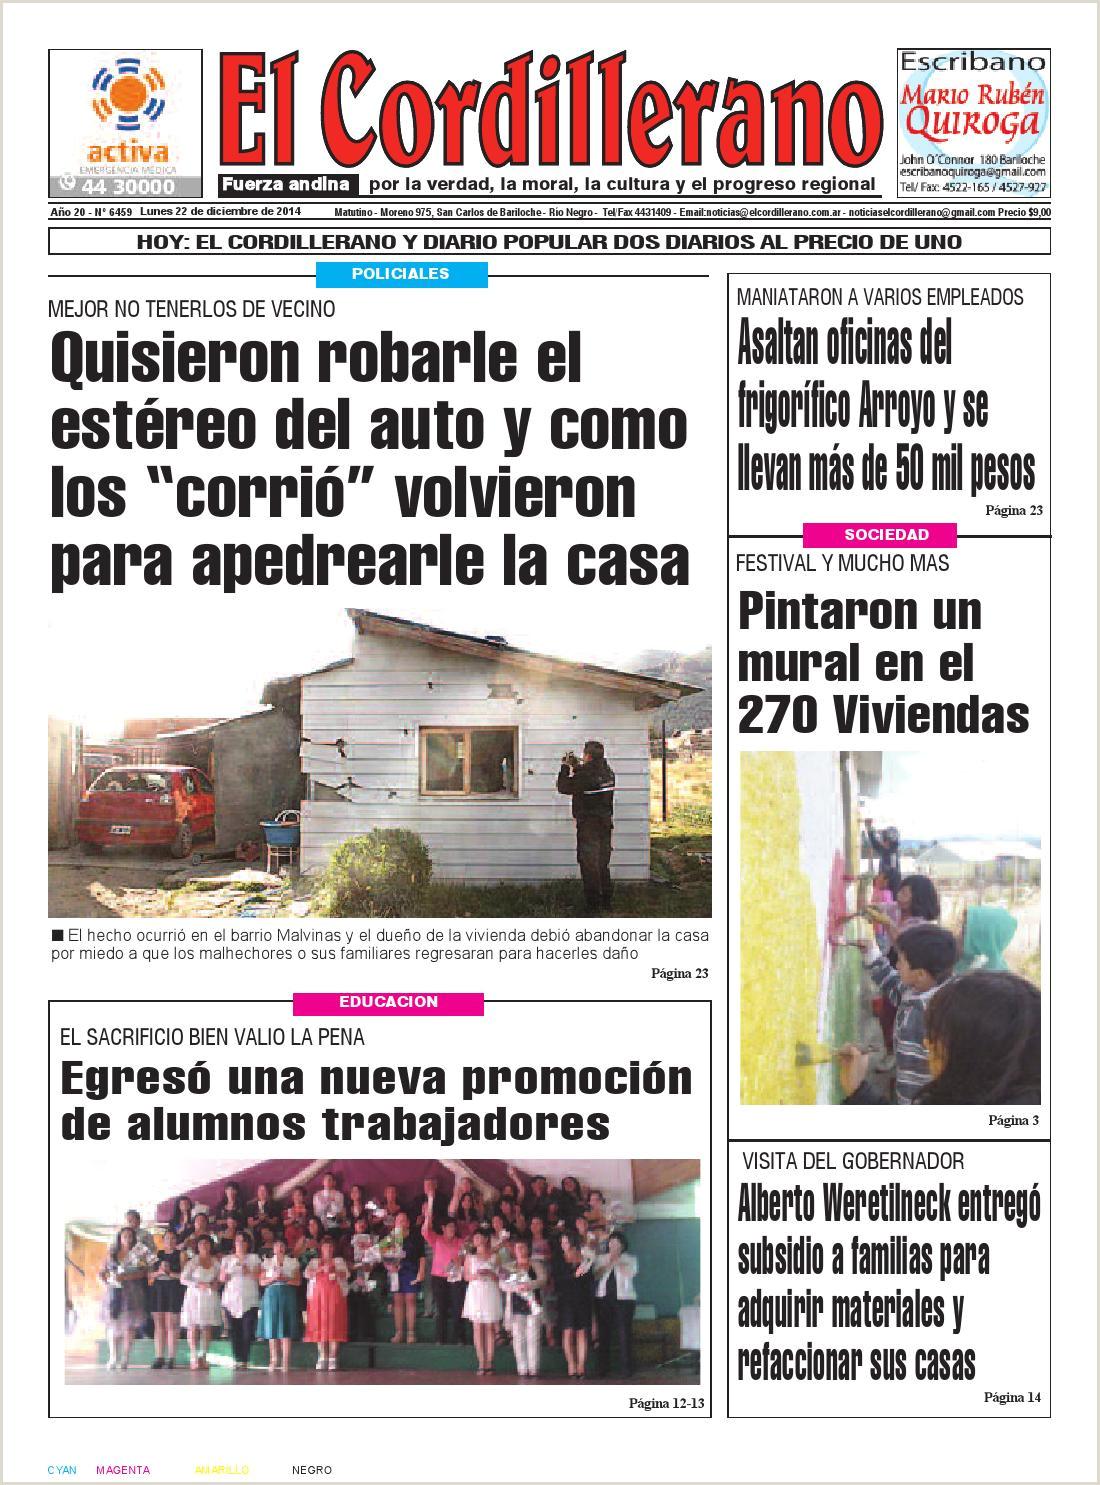 Como Hacer Una Hoja De Vida Por Gmail 22 De Diciembre De 2014 by El Cordillerano issuu